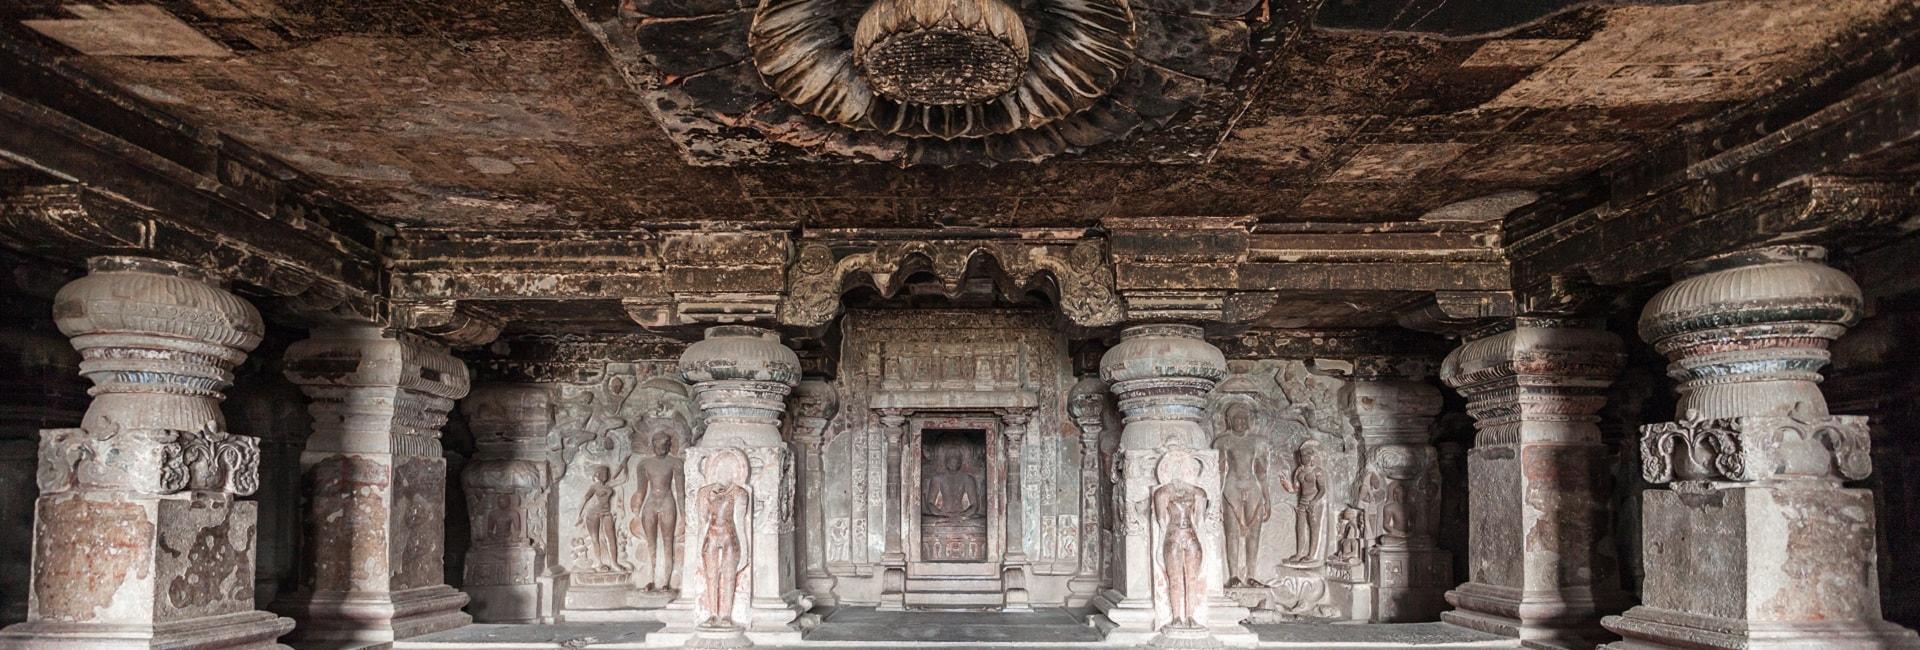 West India